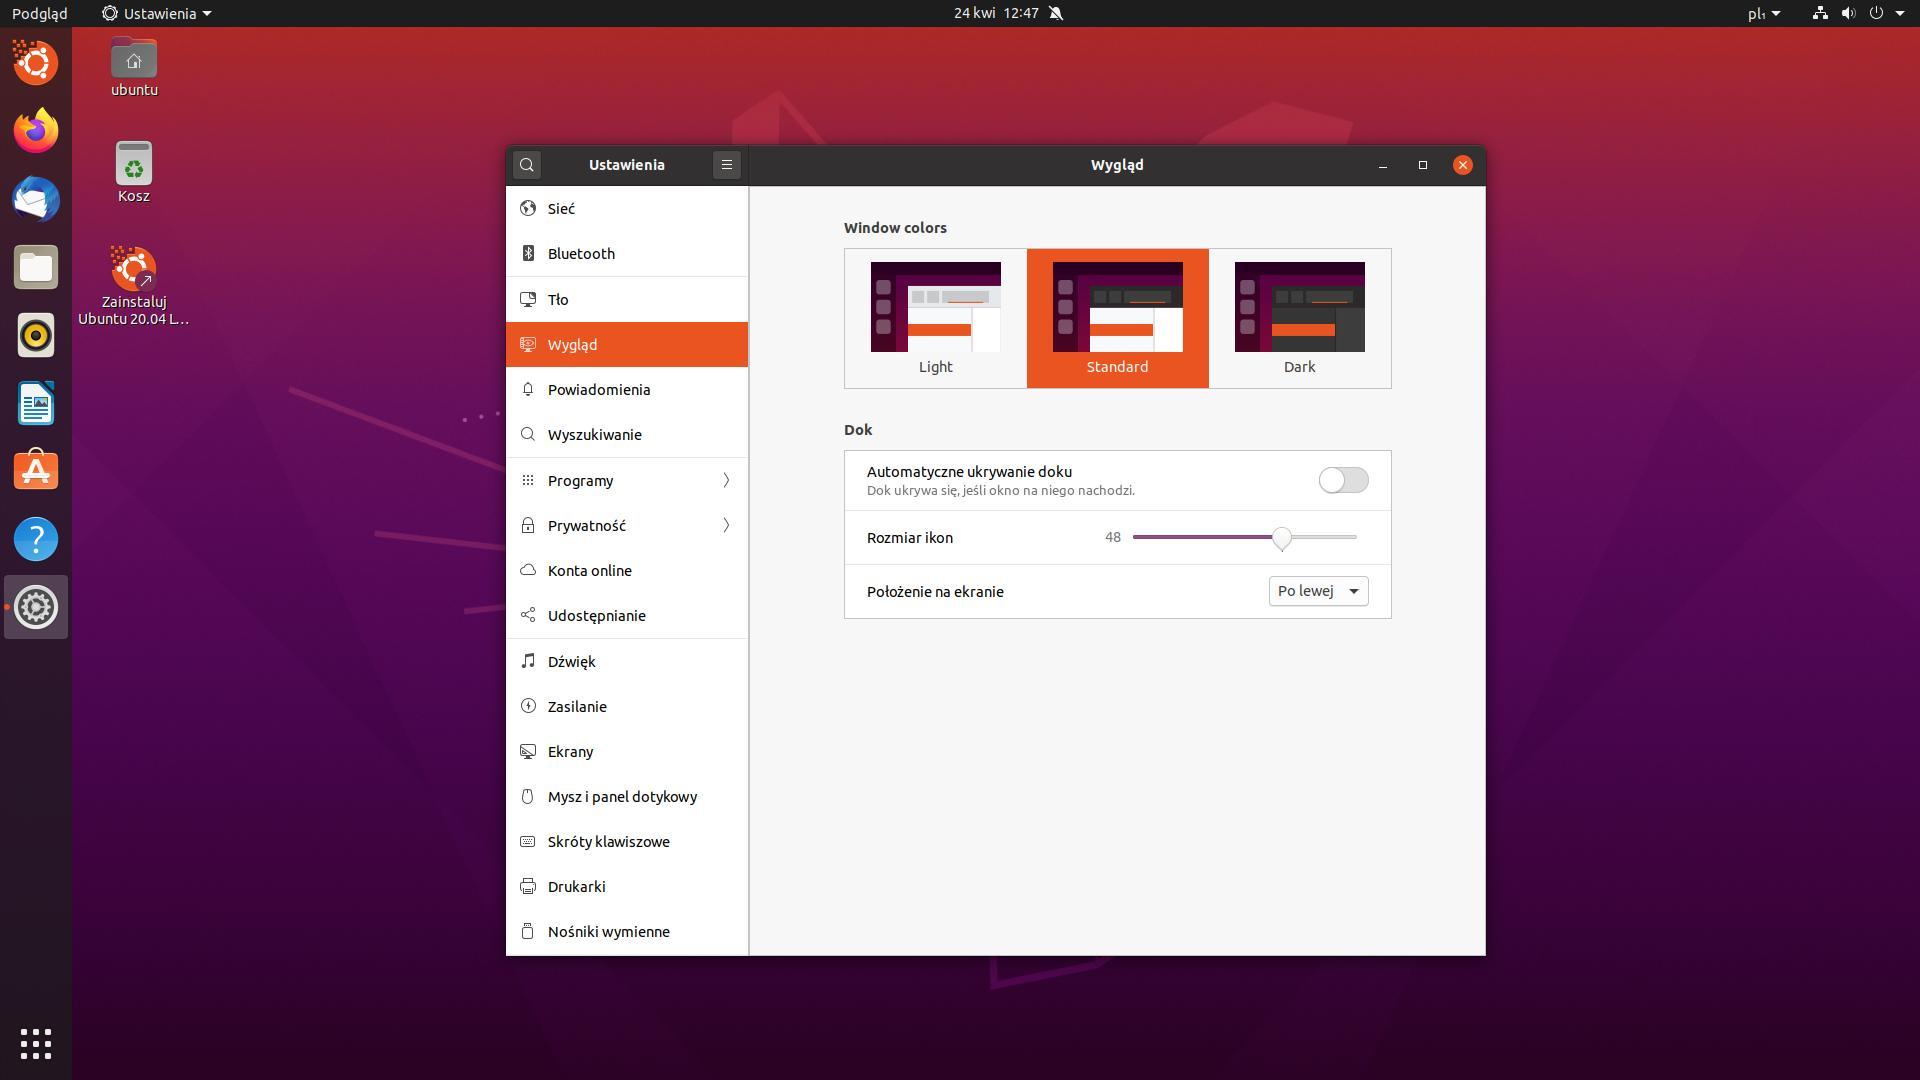 ubuntu style